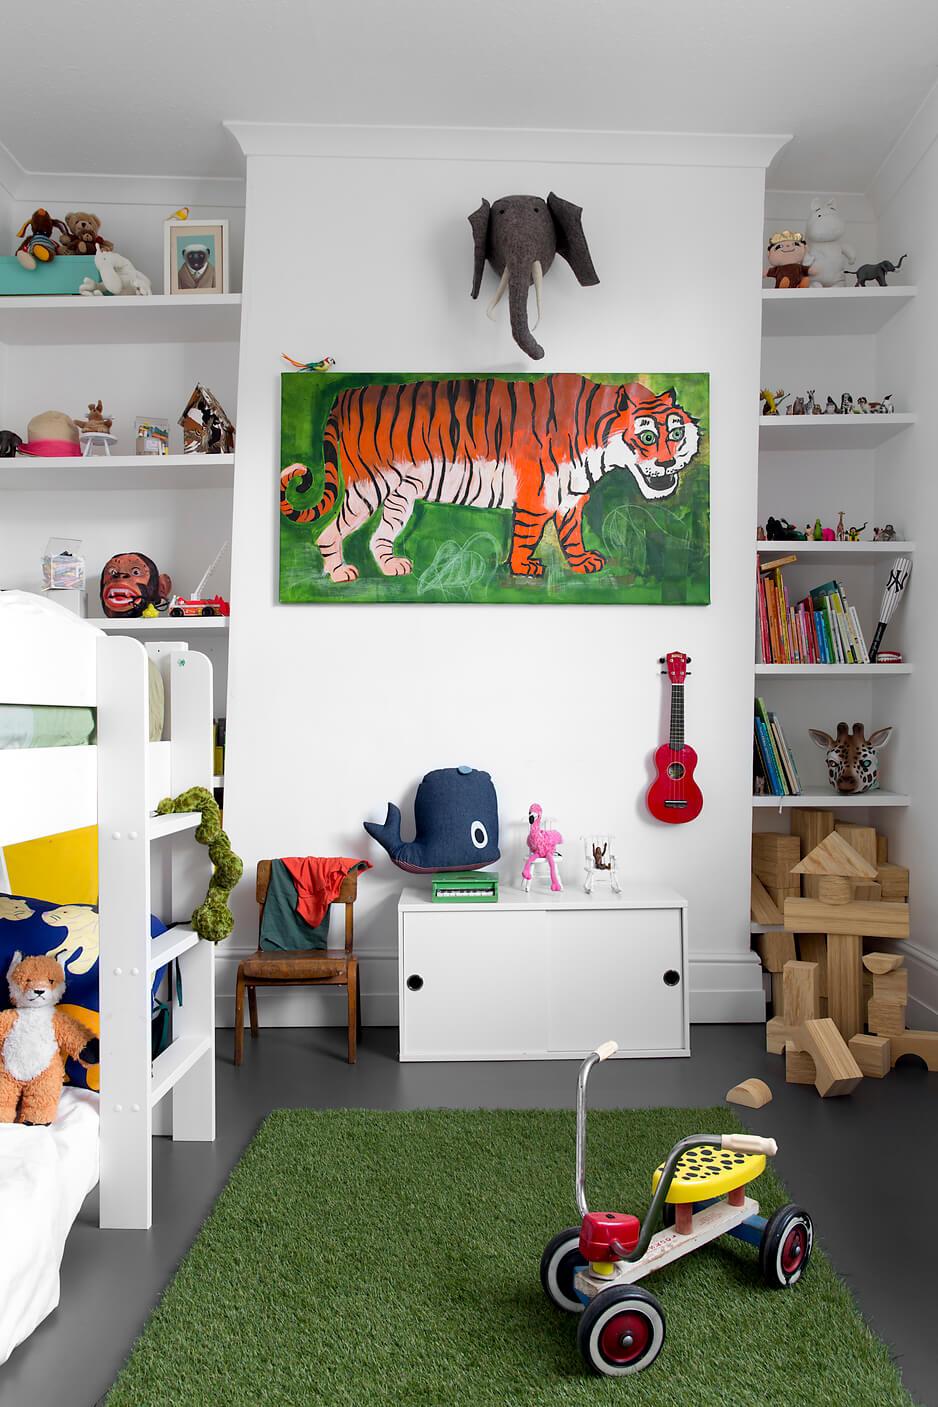 shared children's bedroom